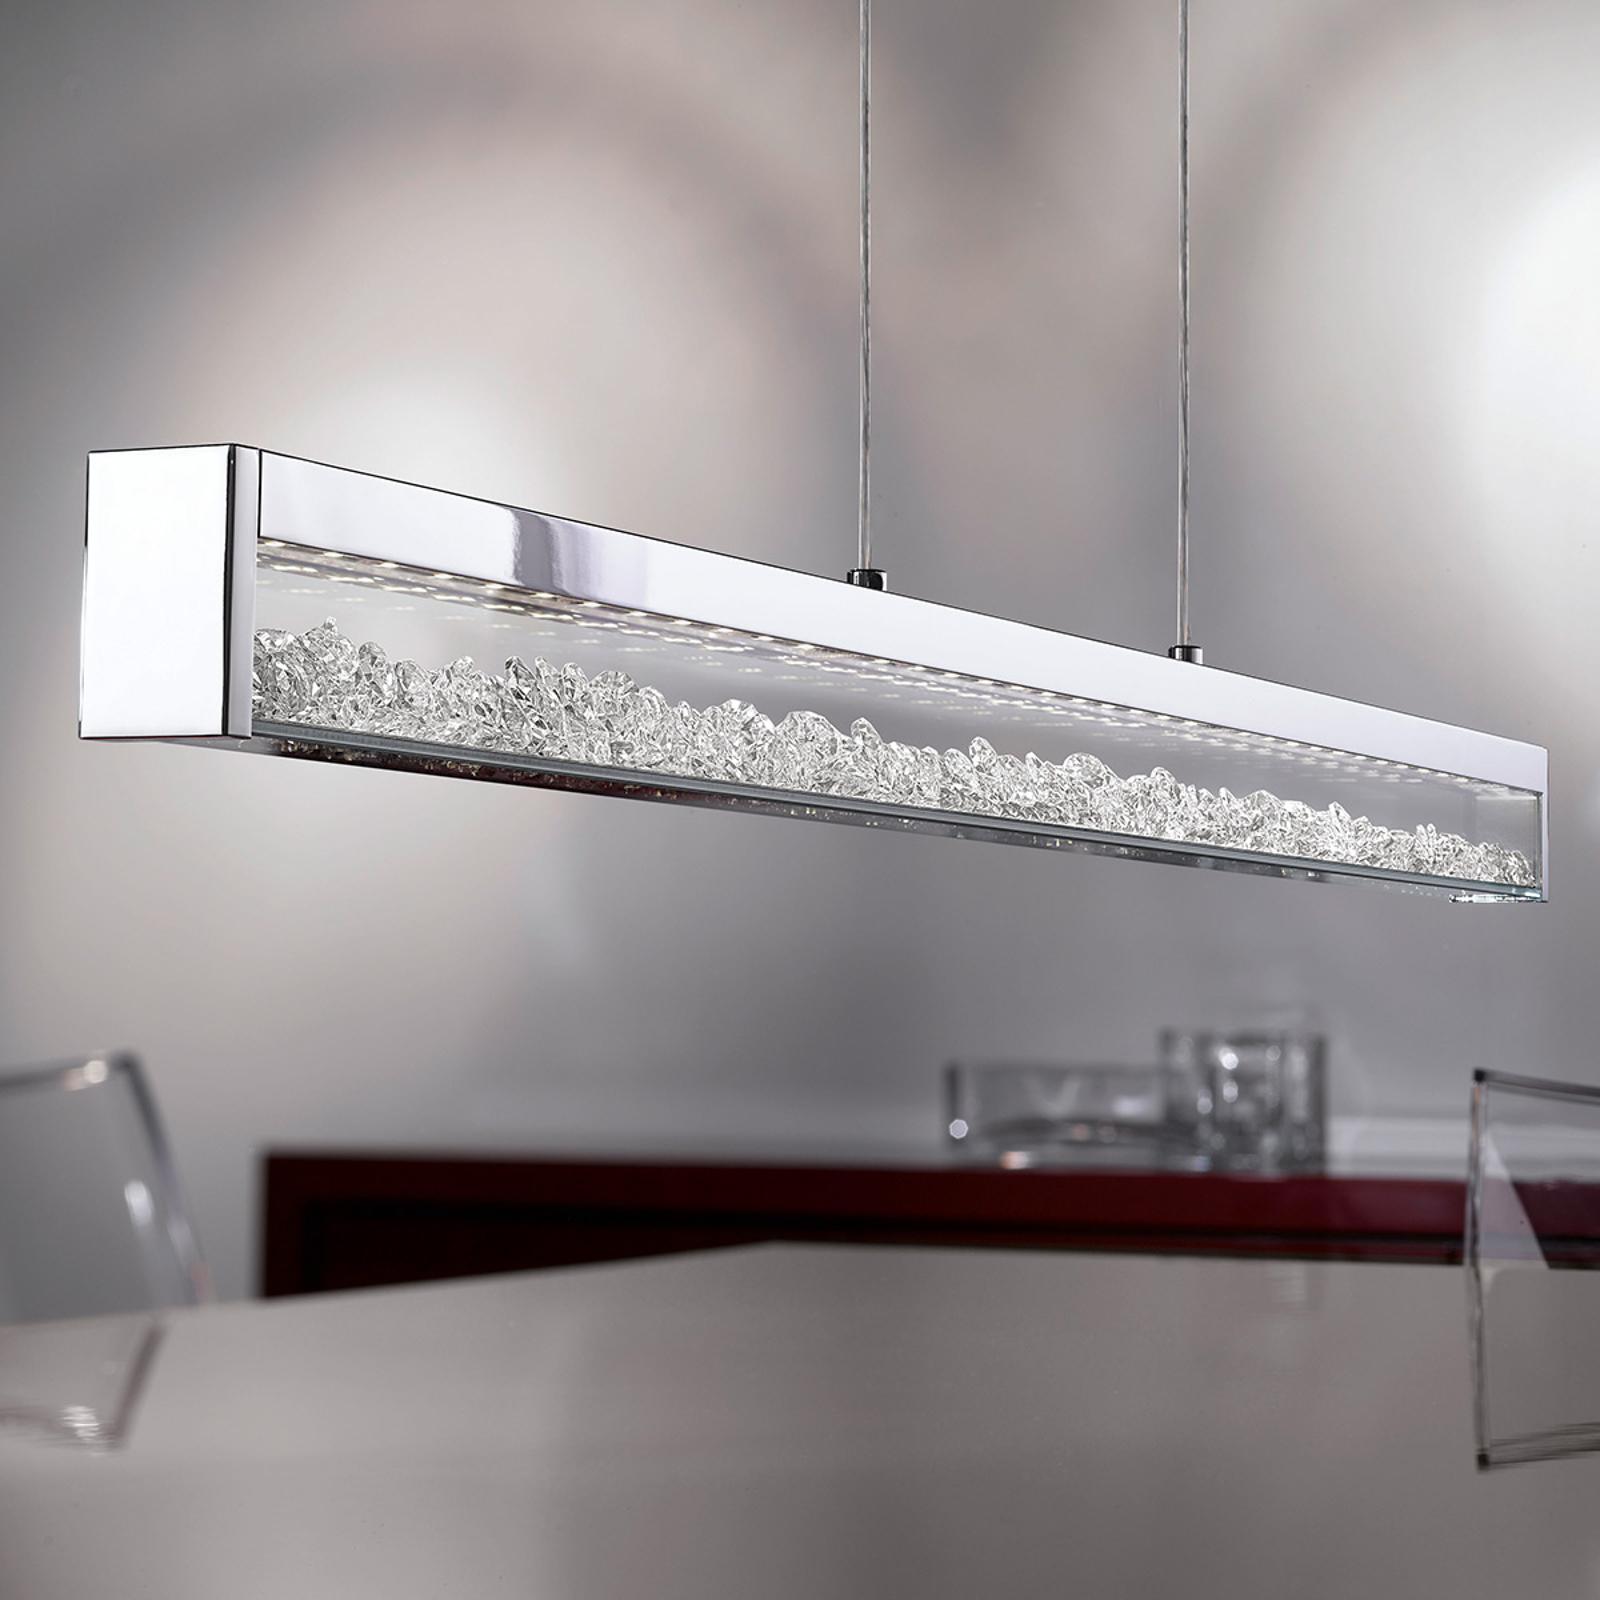 Lampada LED sospesa Cardito cristallo Asfour 100cm